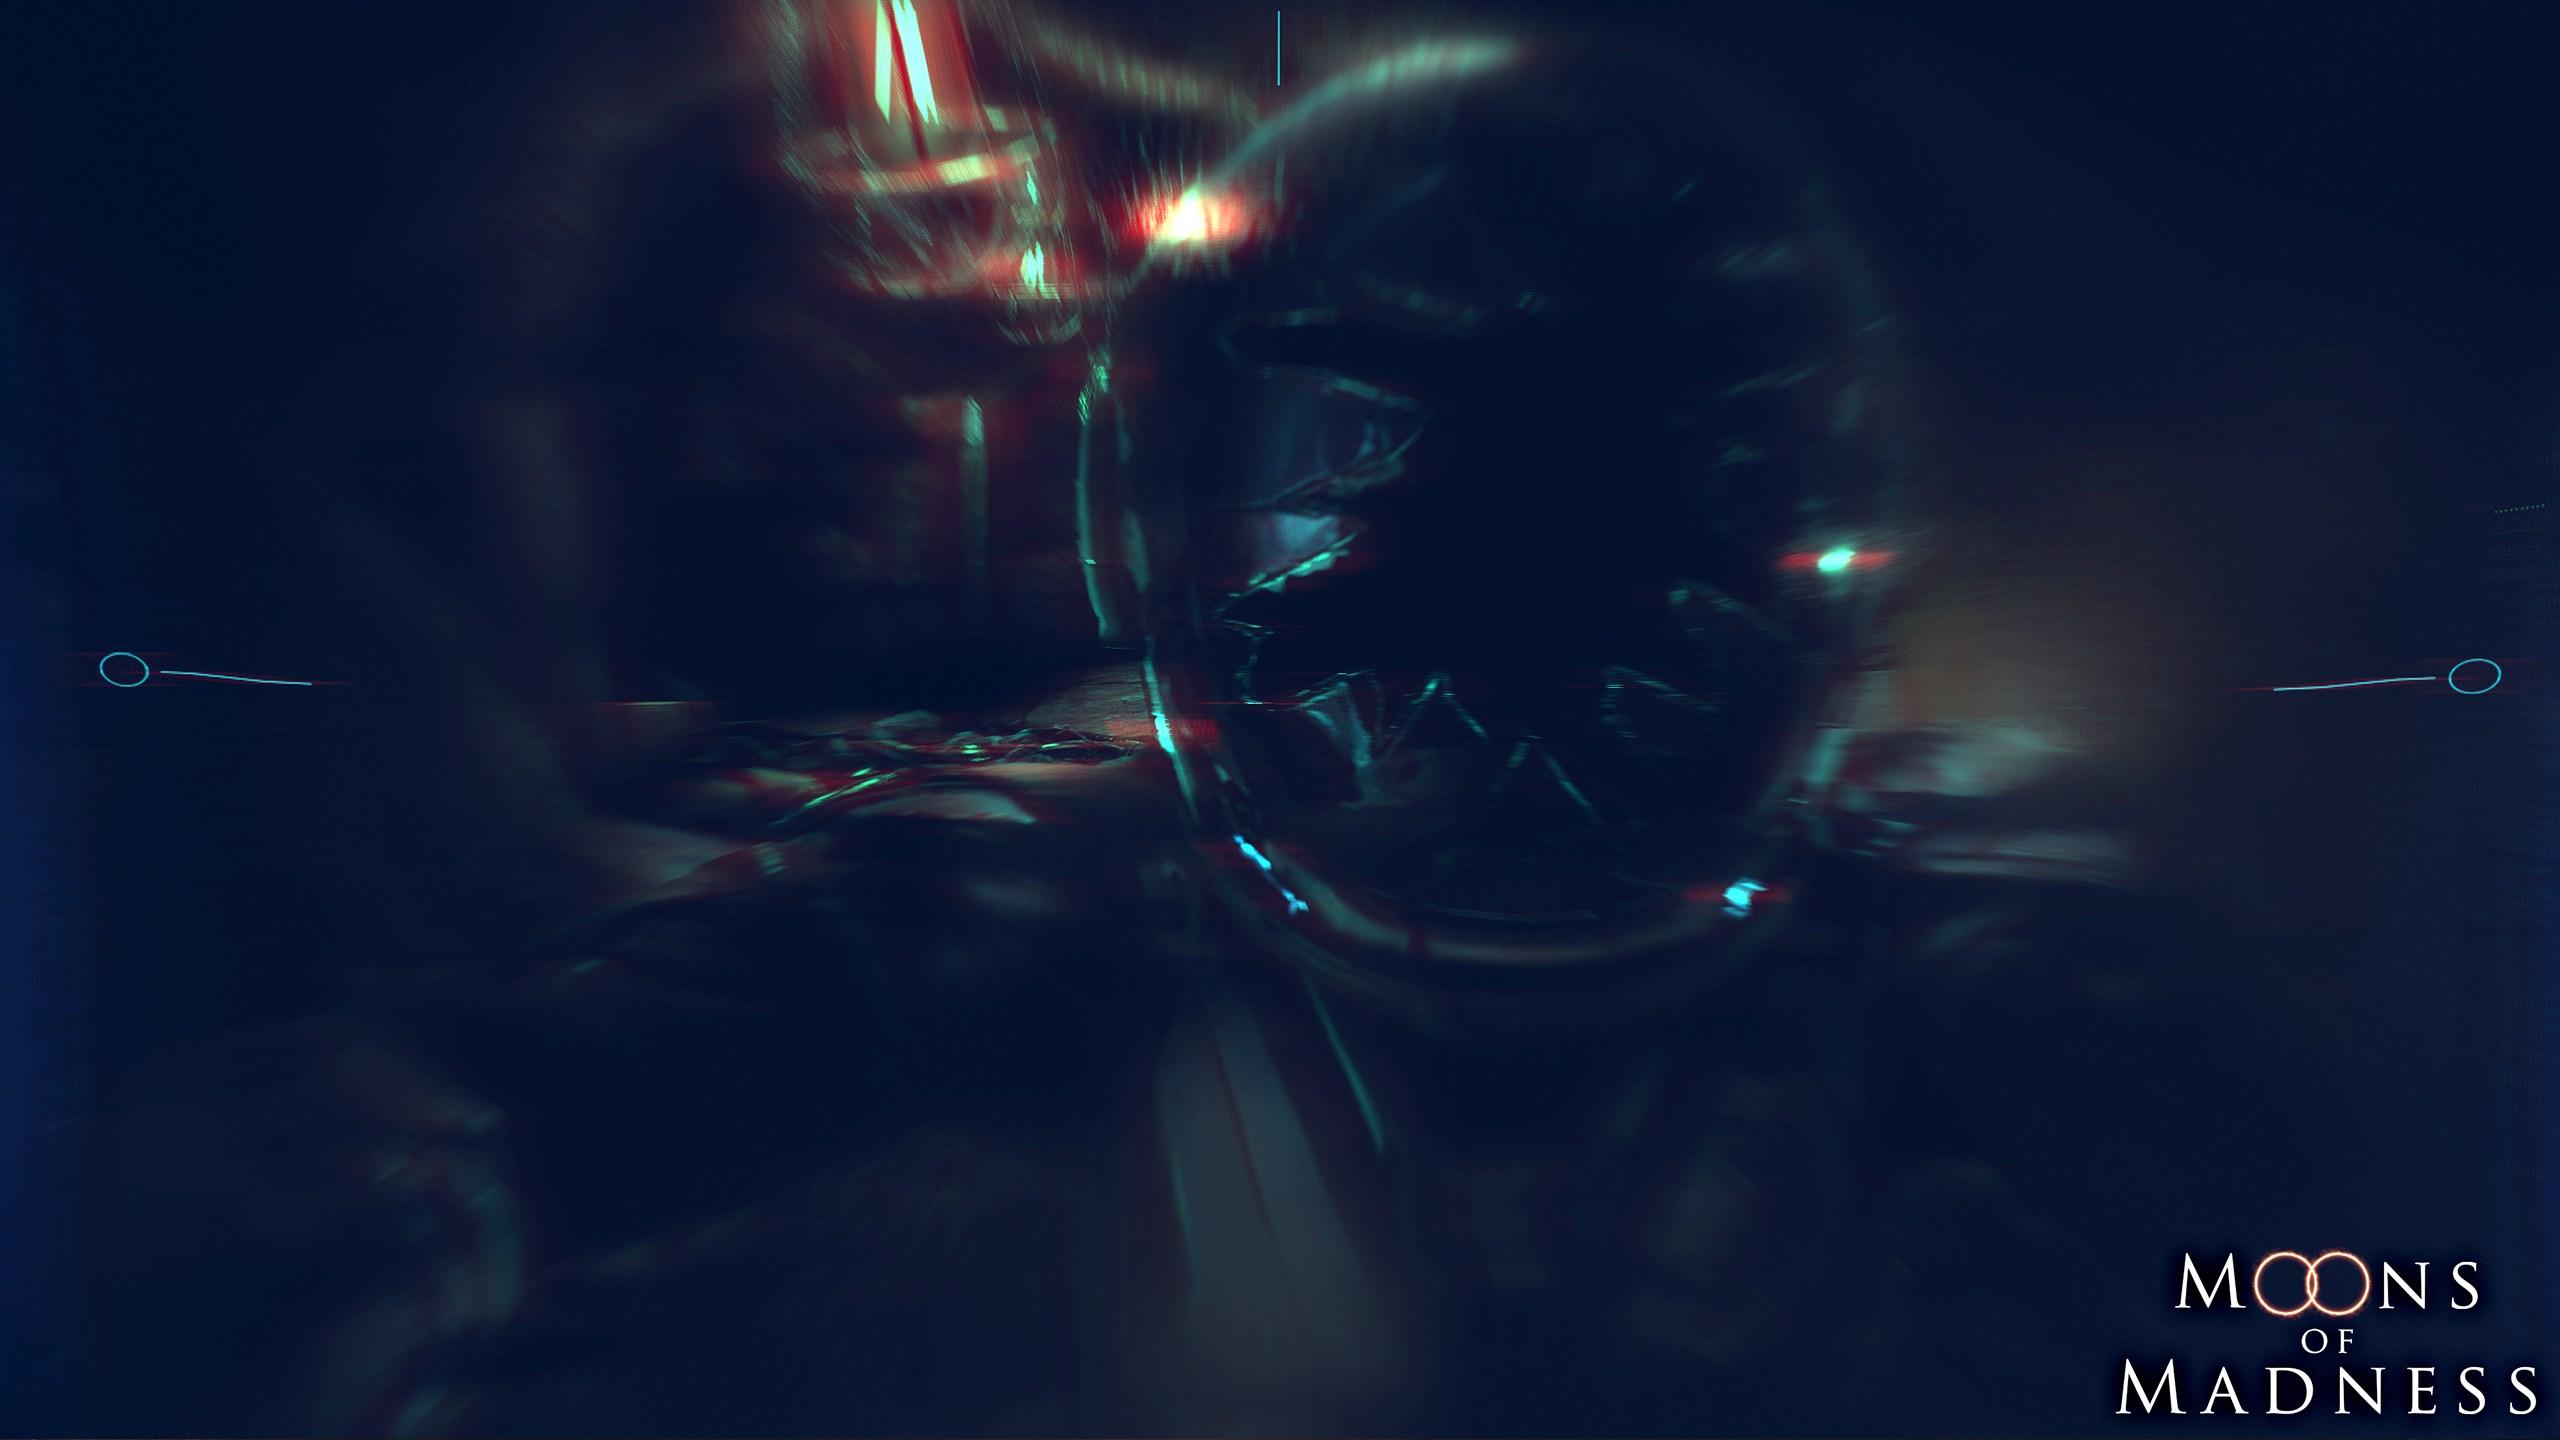 Moons Of Madness HP Lovecraft Inspiriertes Psycho Horror Spiel